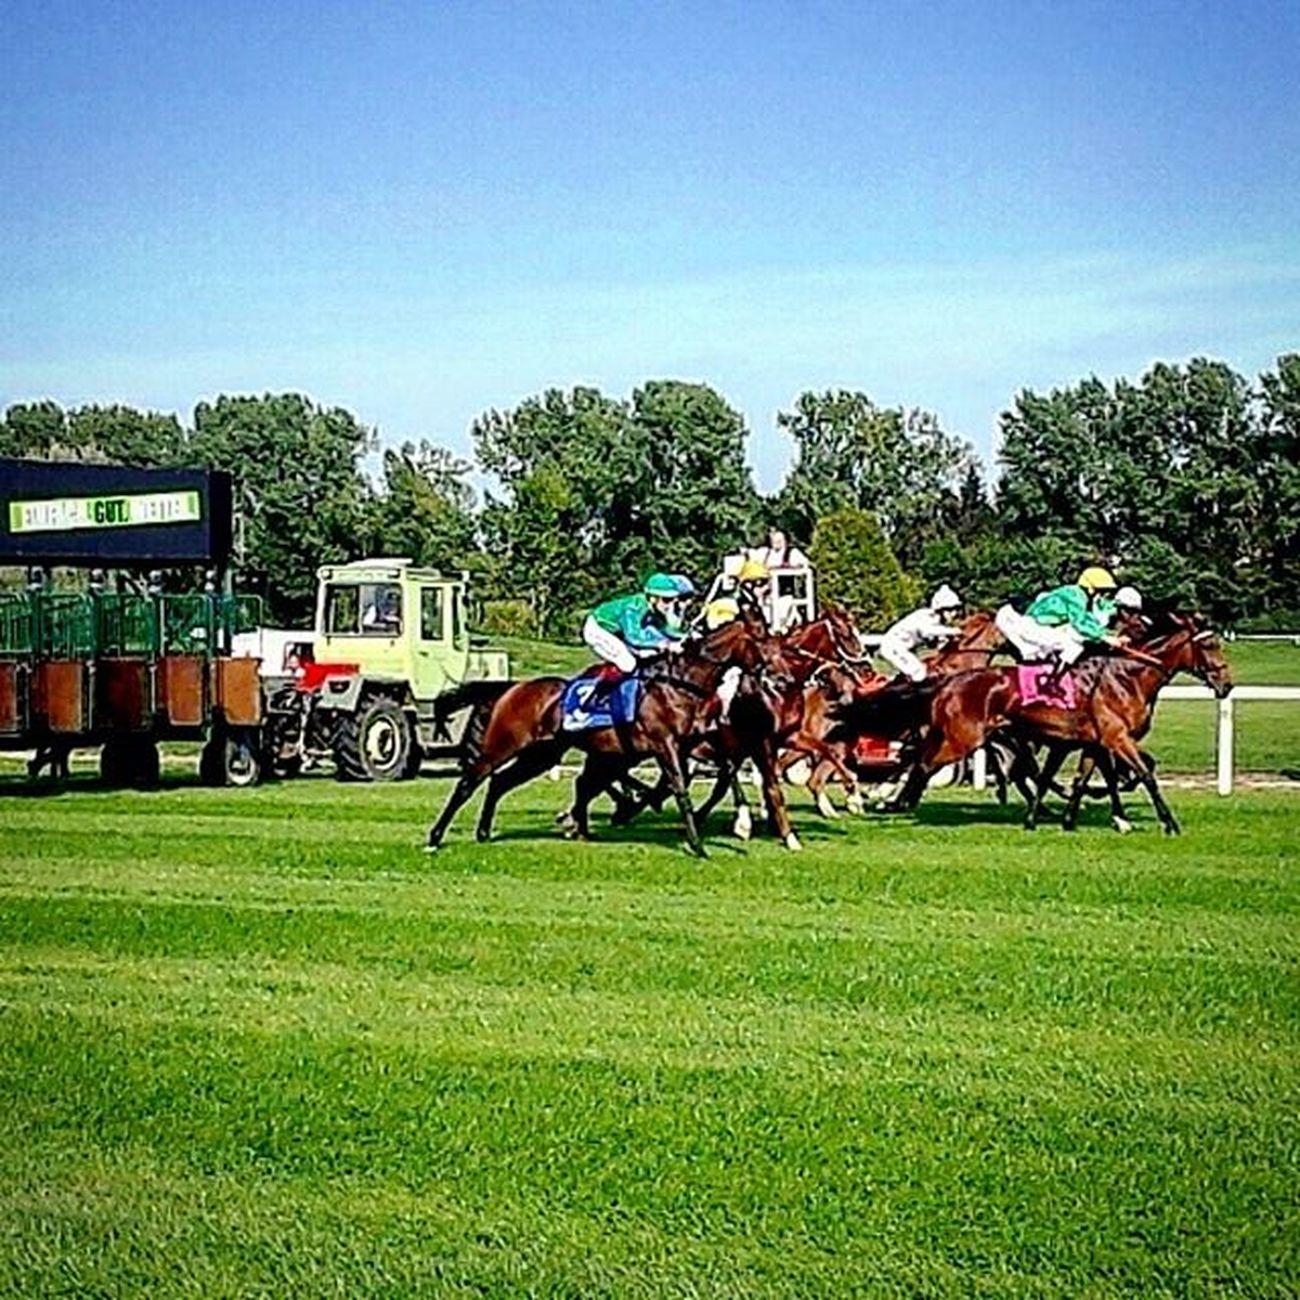 Horseriding Galopp Jockeys